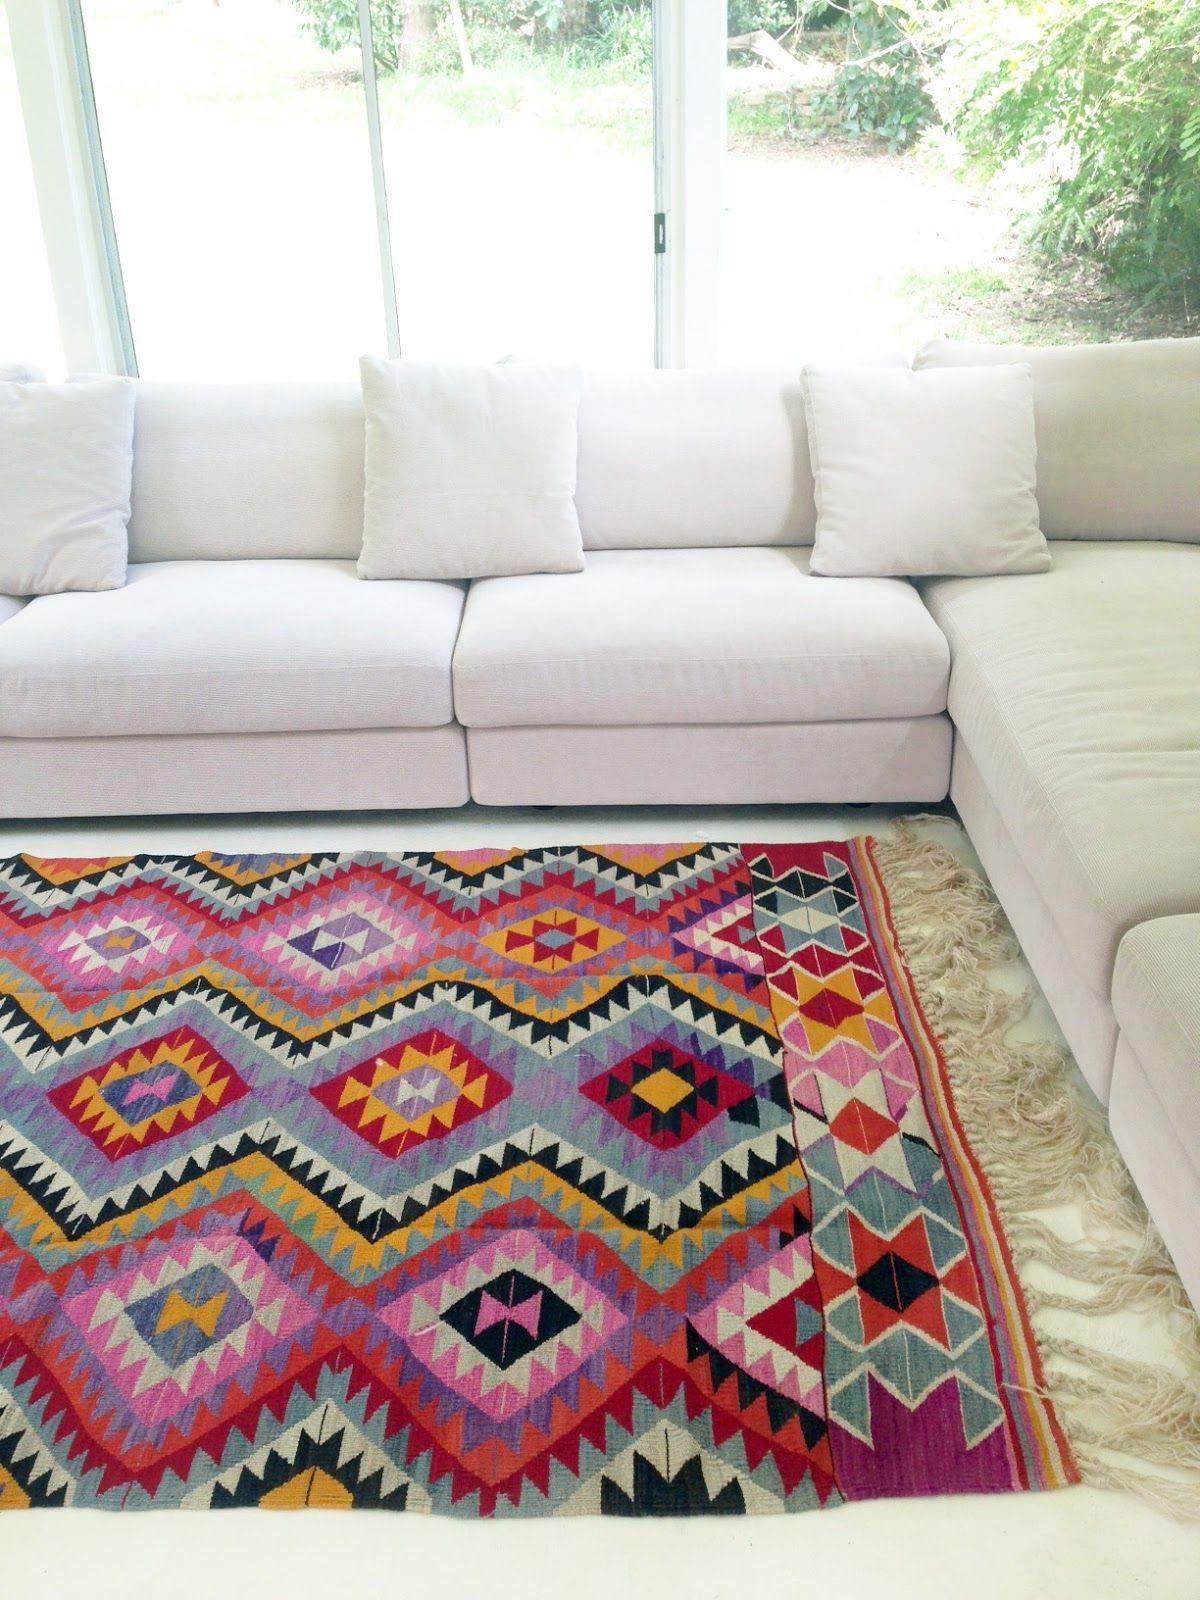 Alfombra turca muy colorida, da un cambio espectacular a esta sala ...